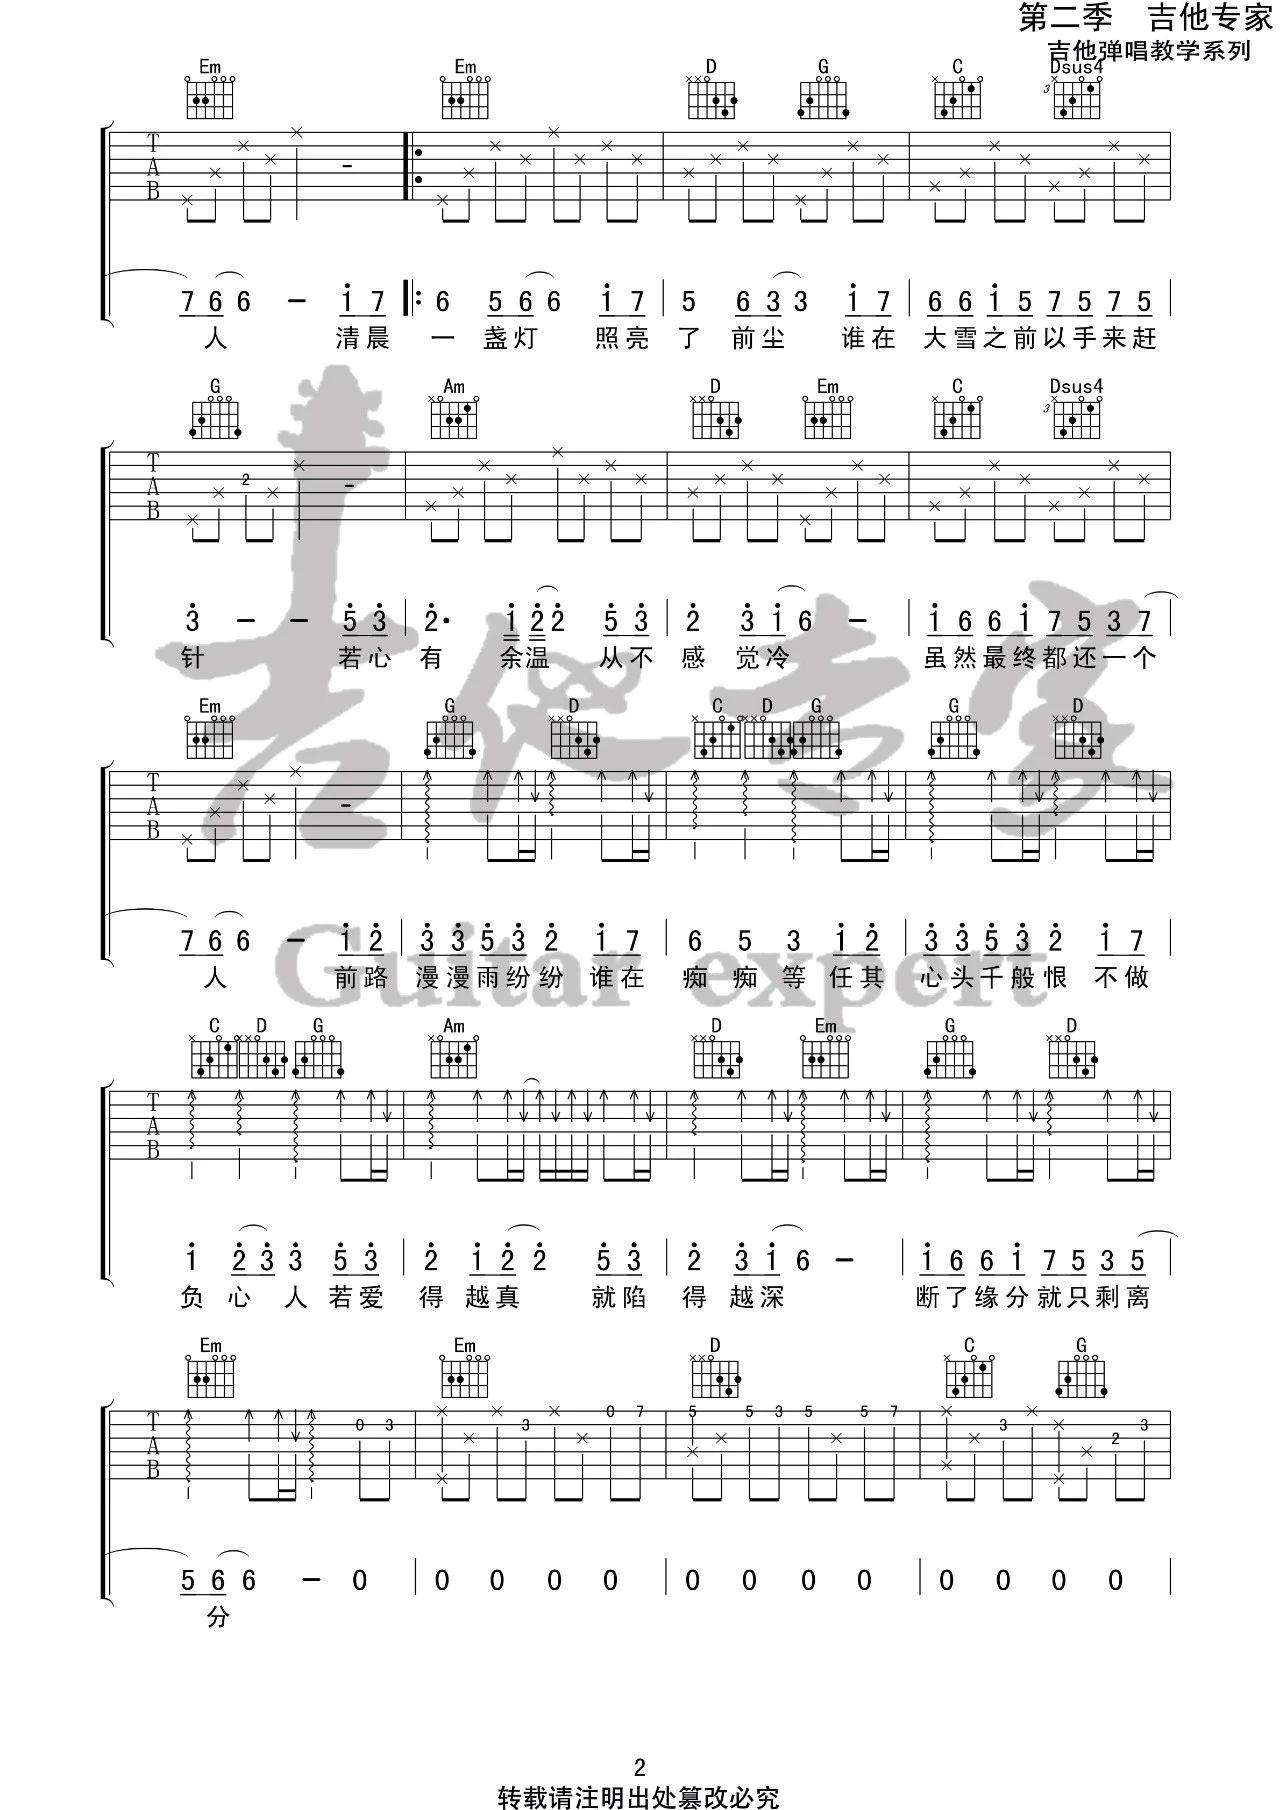 吉他派《无期》吉他谱-2